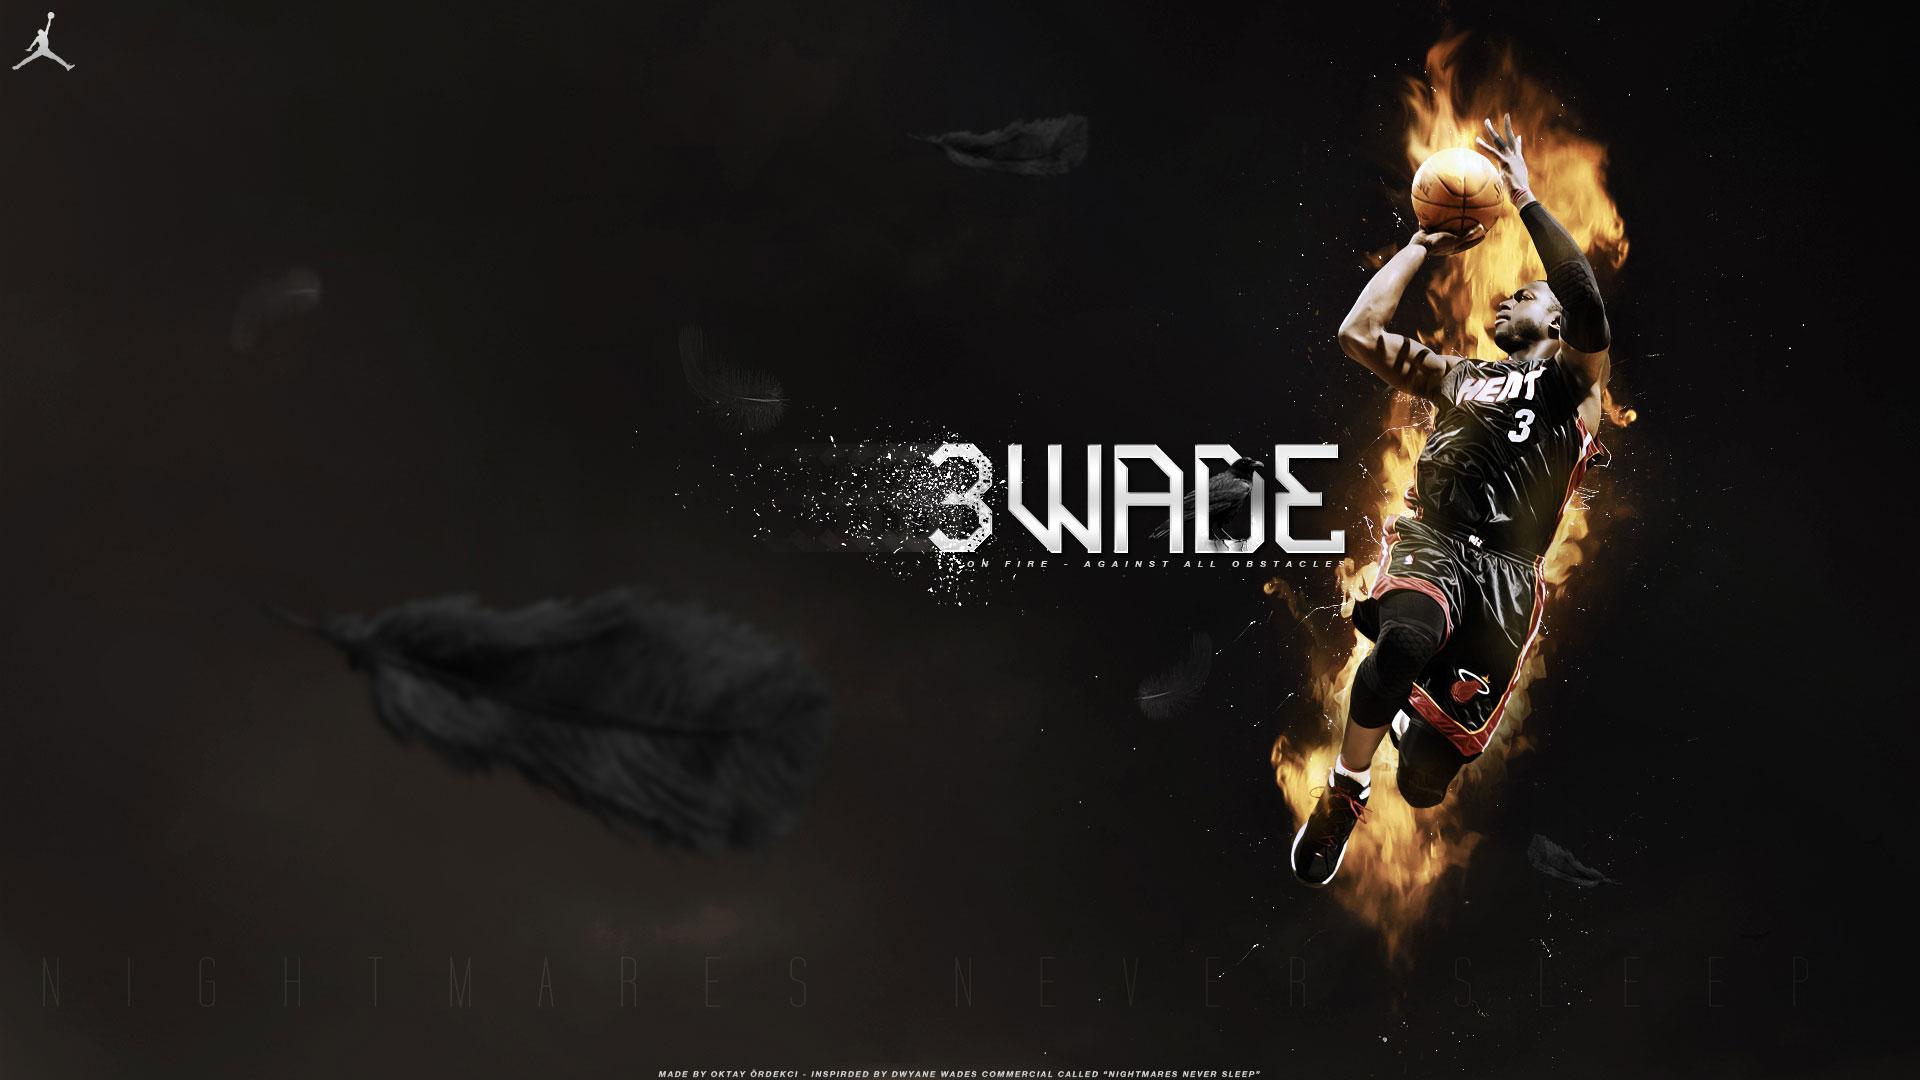 Dwyane Wade Wallpaper For Iphone Wallpapersafari